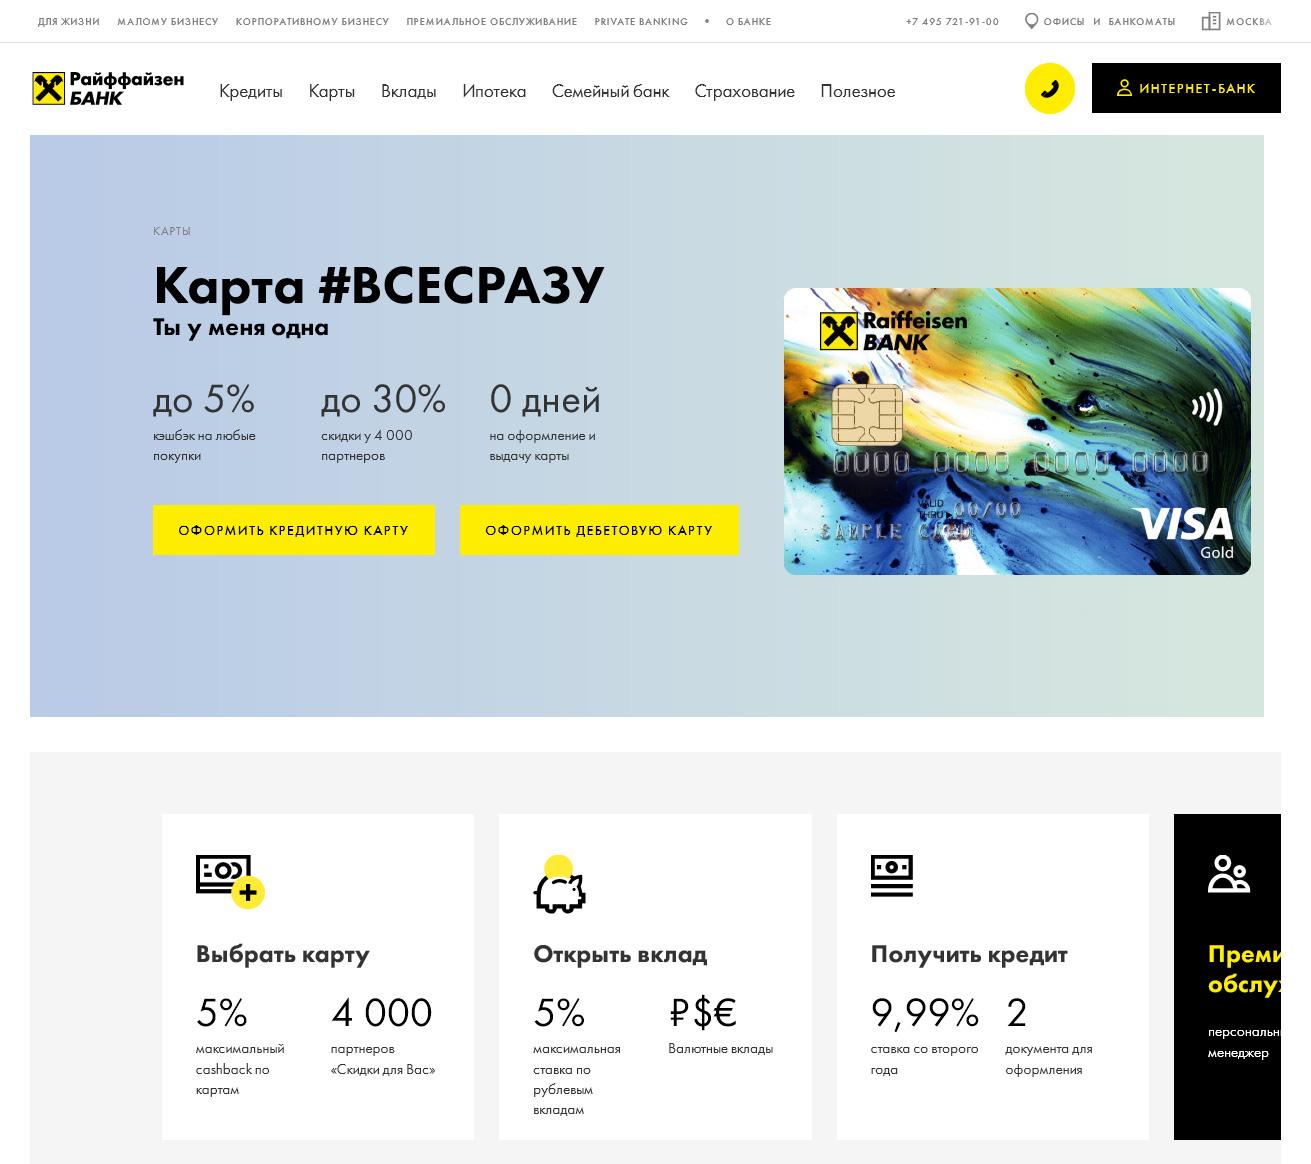 Официальный сайт Райффайзенбанк